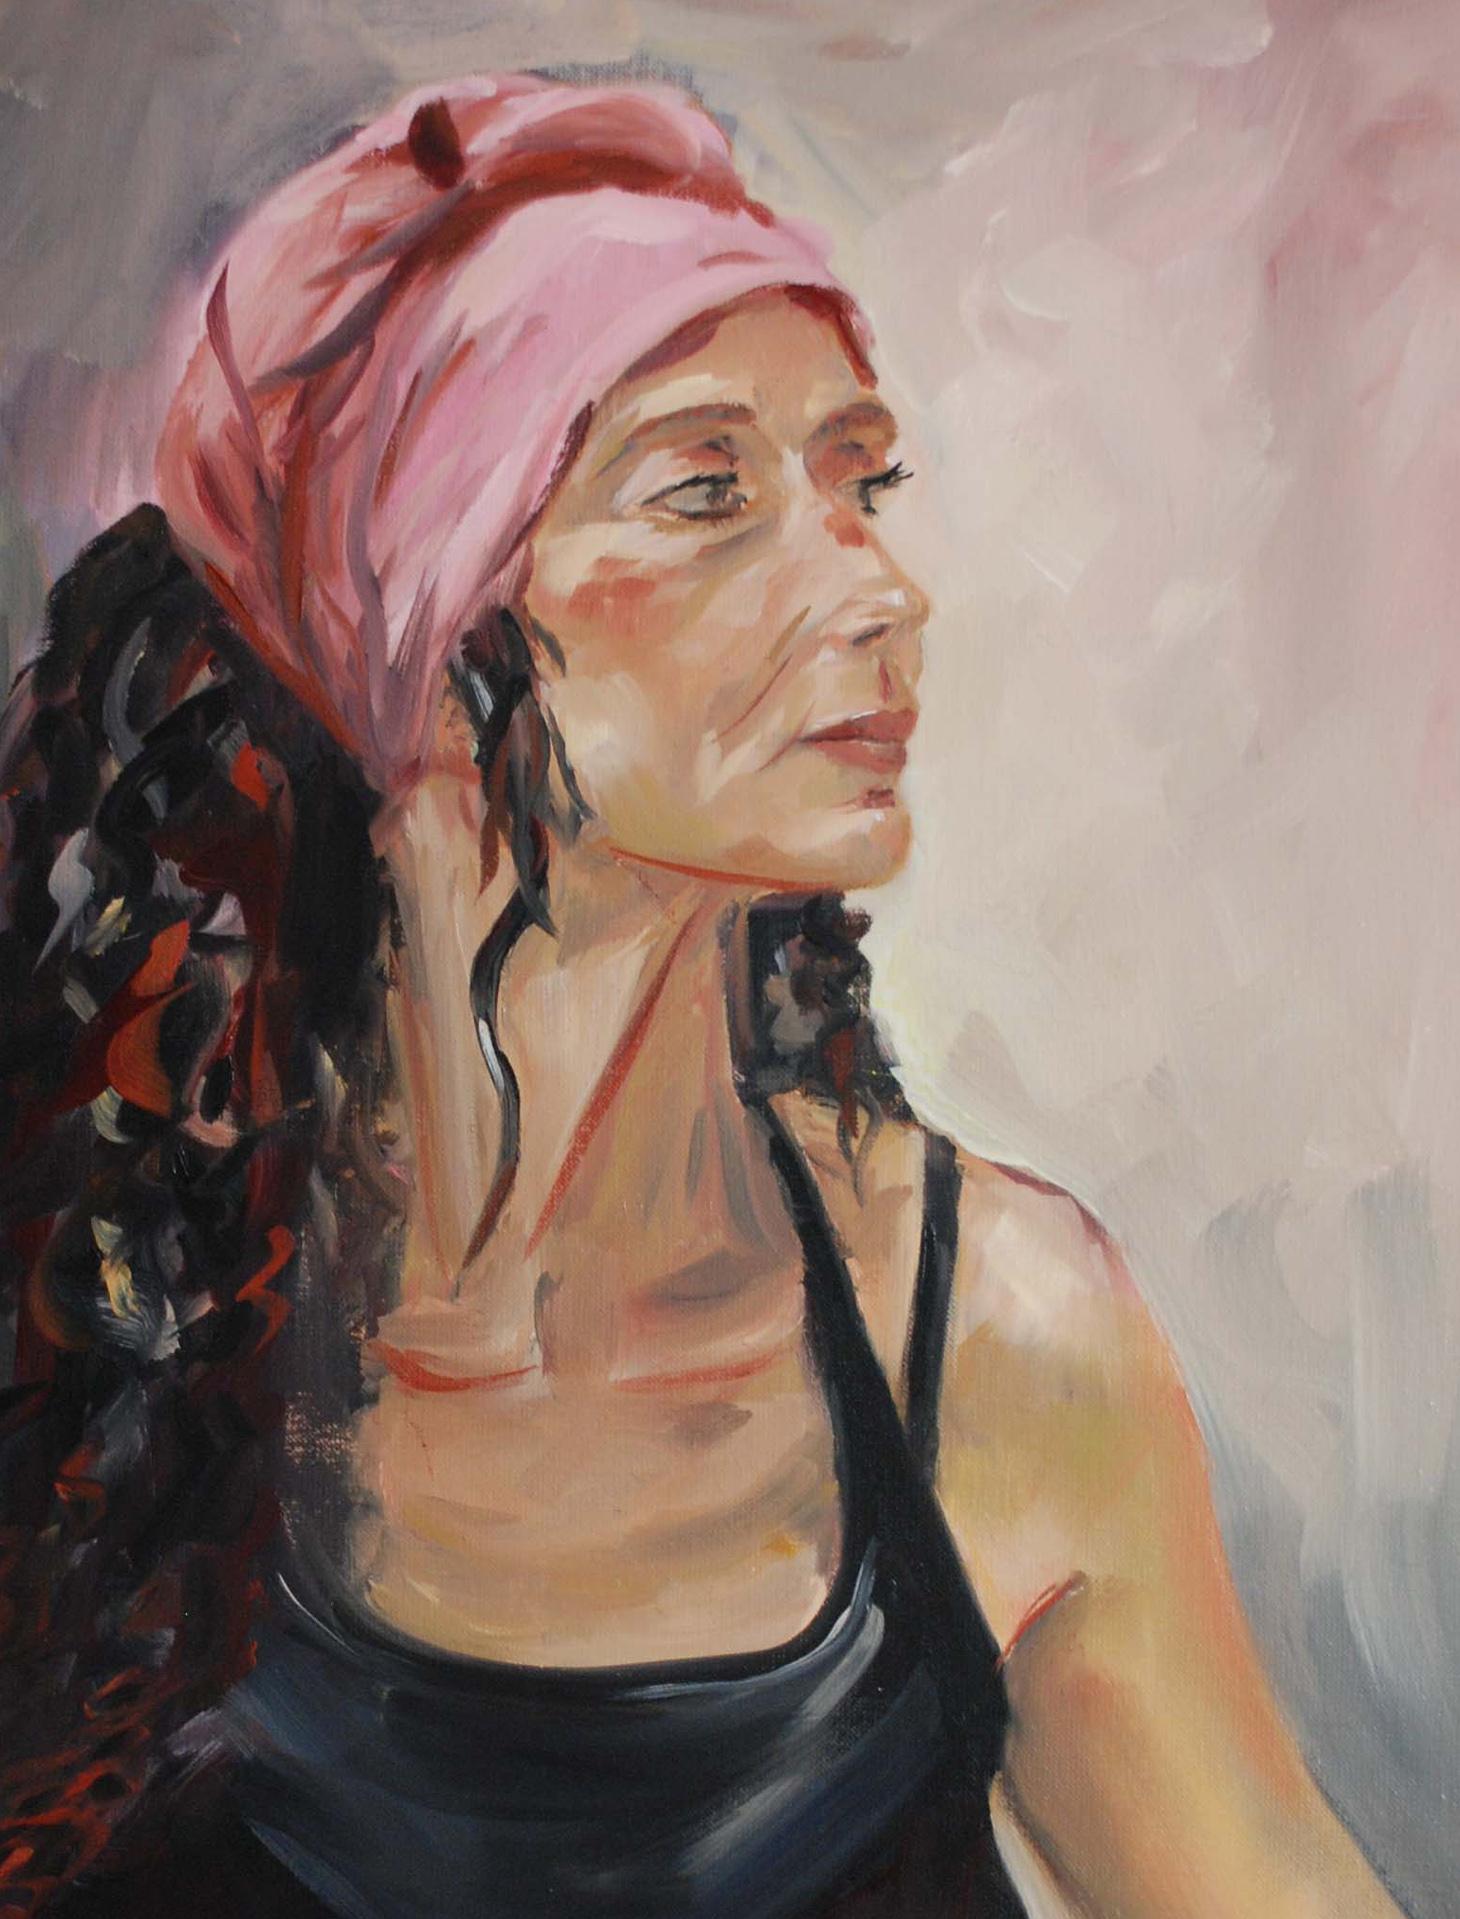 Portrait-Gissinger-Mariele-Peinture-huile-Peinte-Artiste-Art-gm-Alsace-France